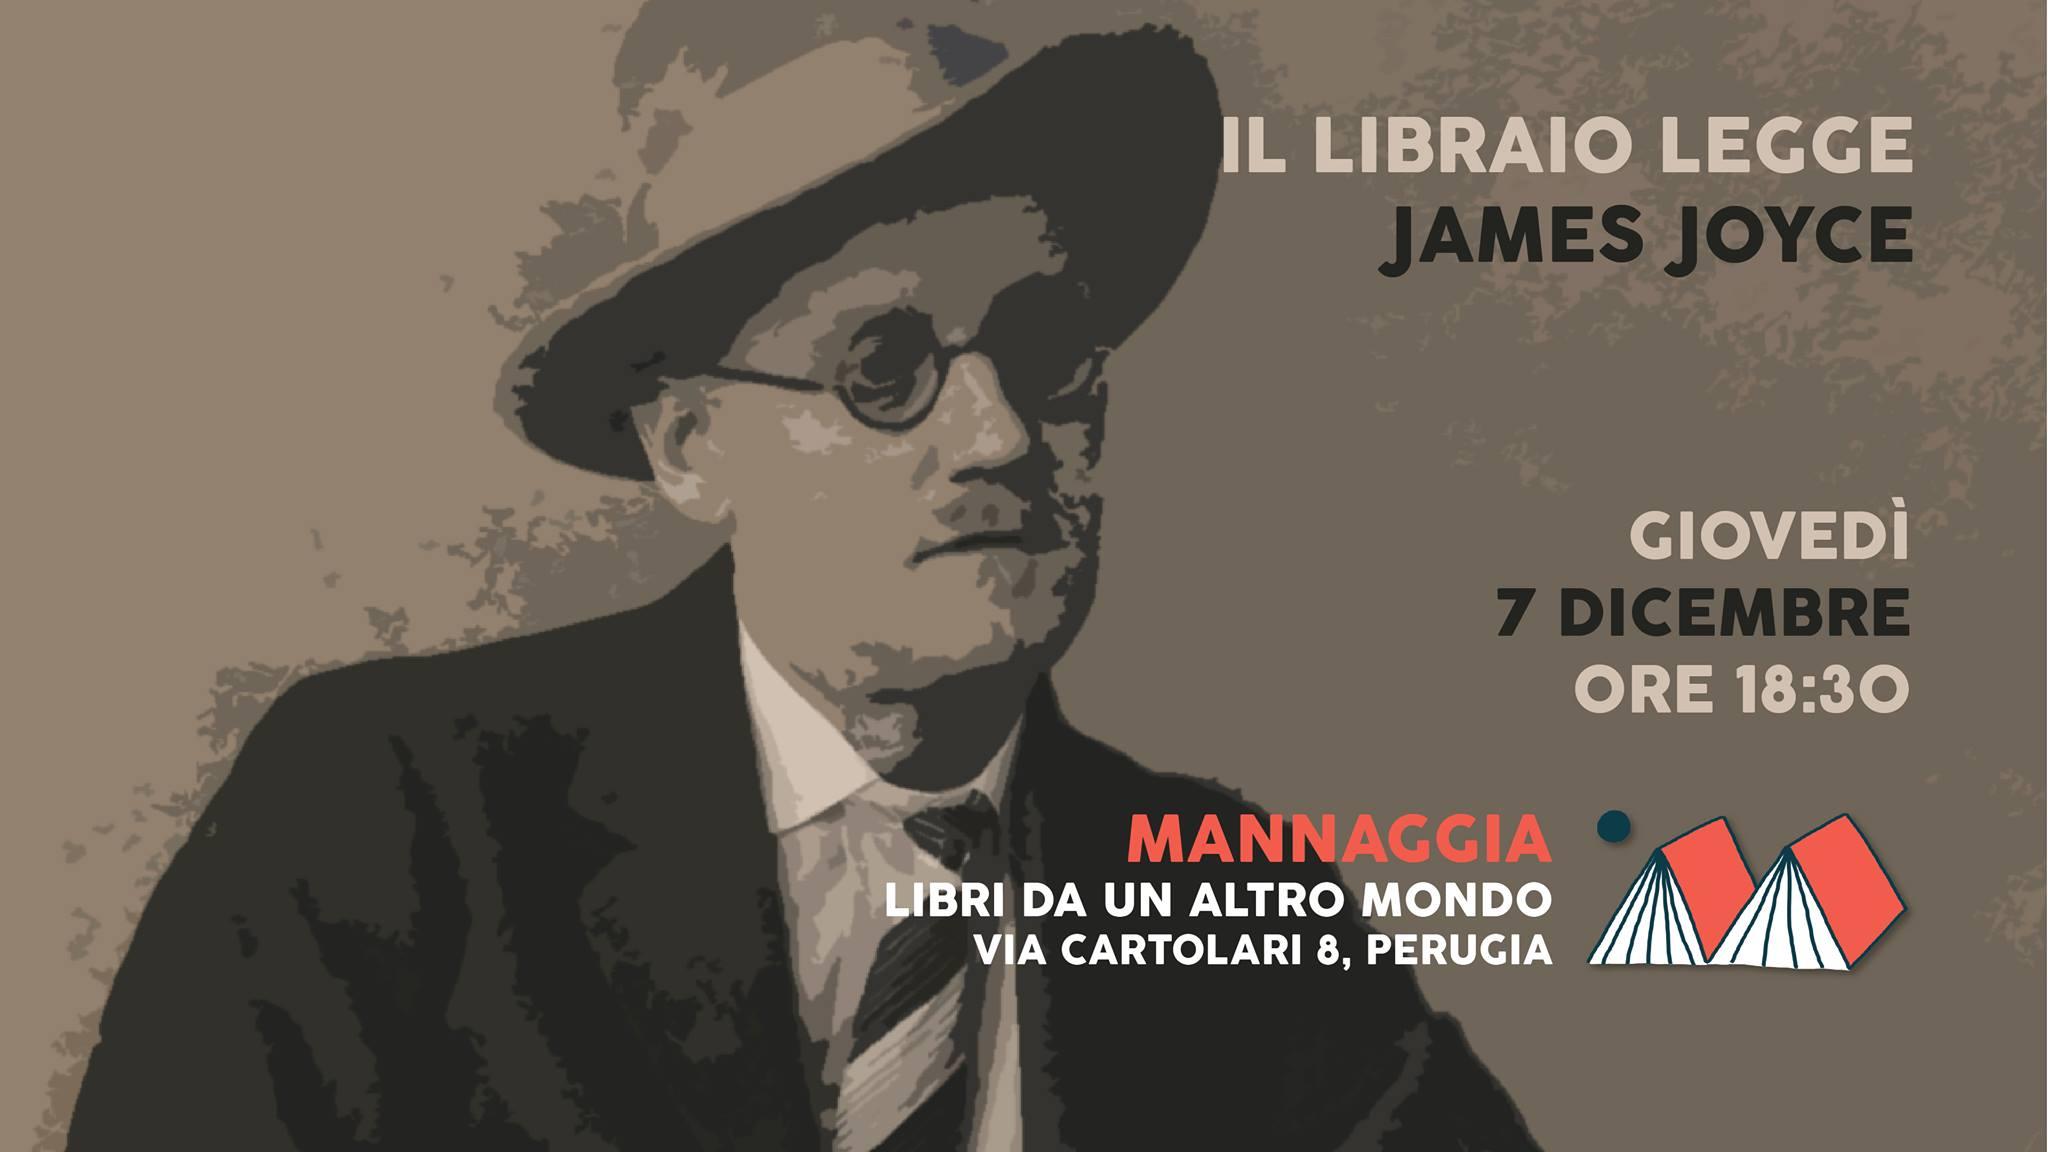 Il libraio legge James Joyce